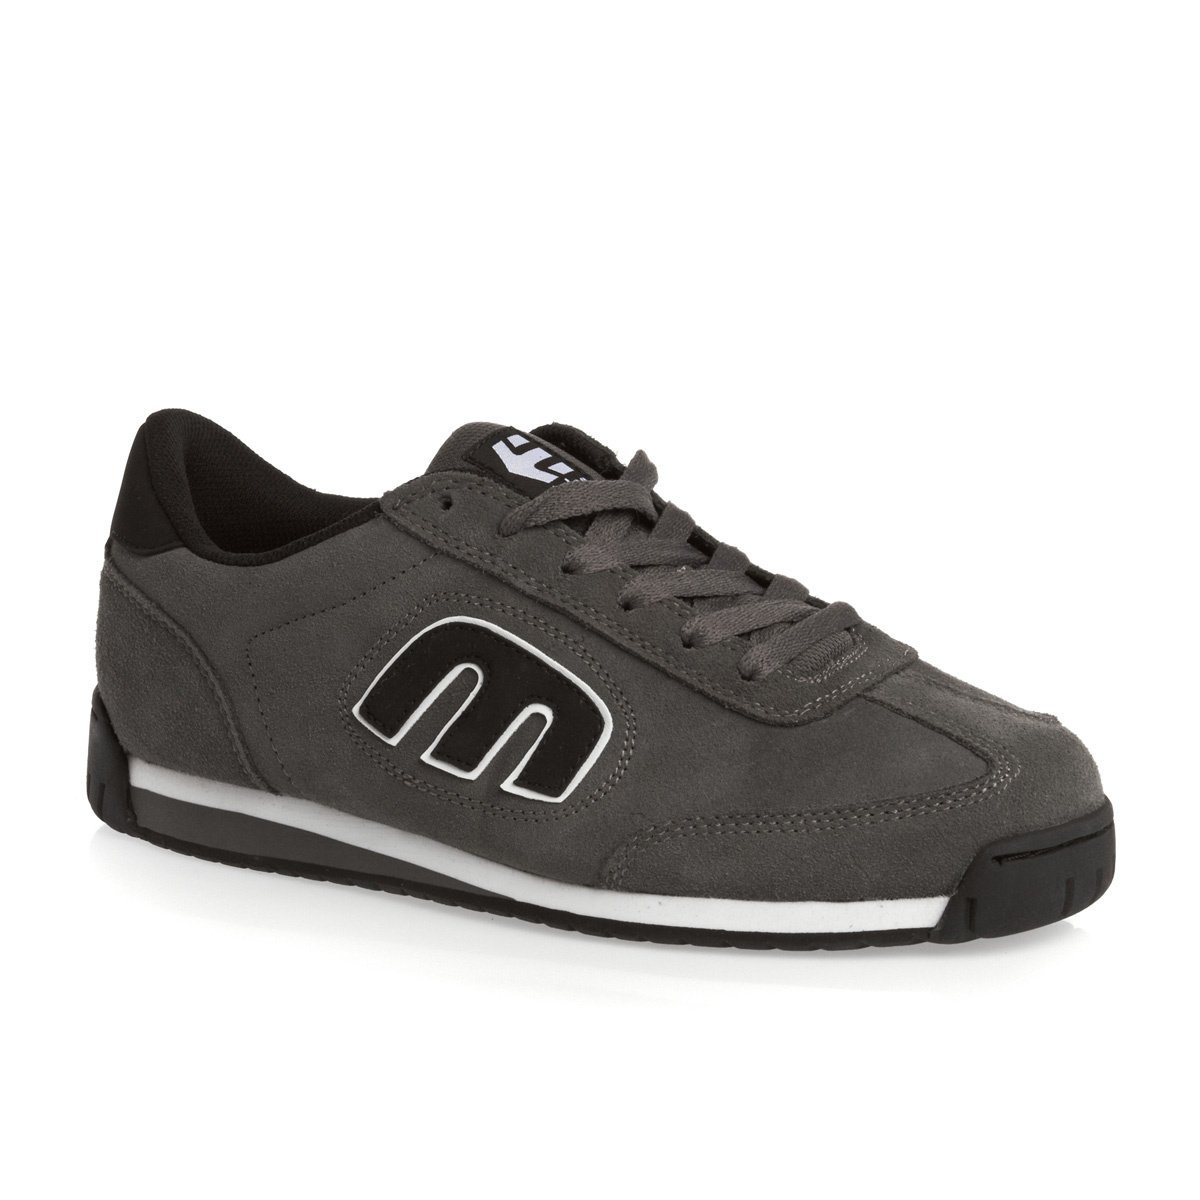 Etnies Lo Cut Ii LS  Herren Skateboardschuhe Grey Black White